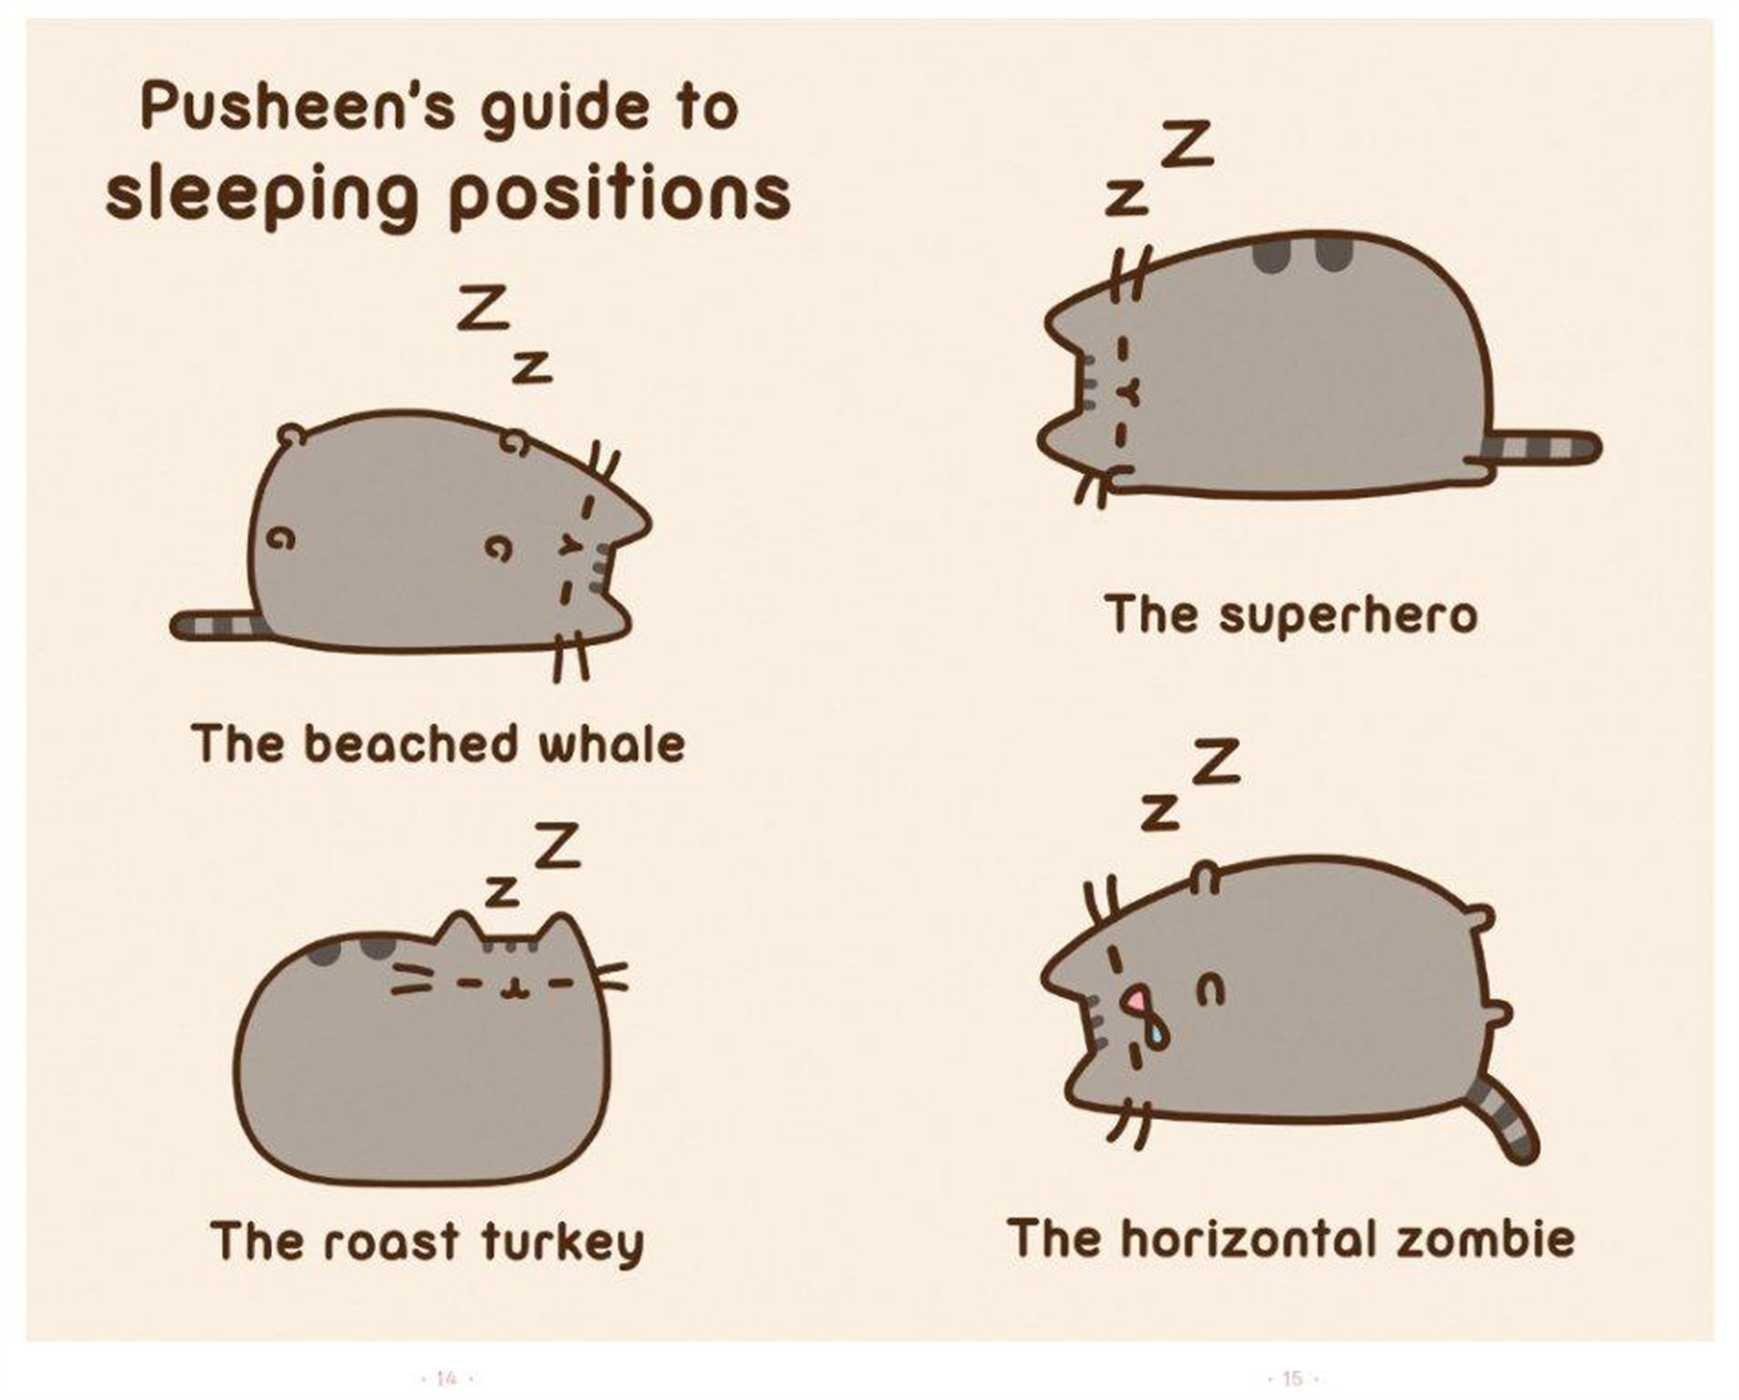 Pusheen Guide To Sleeping Position кошки фото 36951105 Fanpop